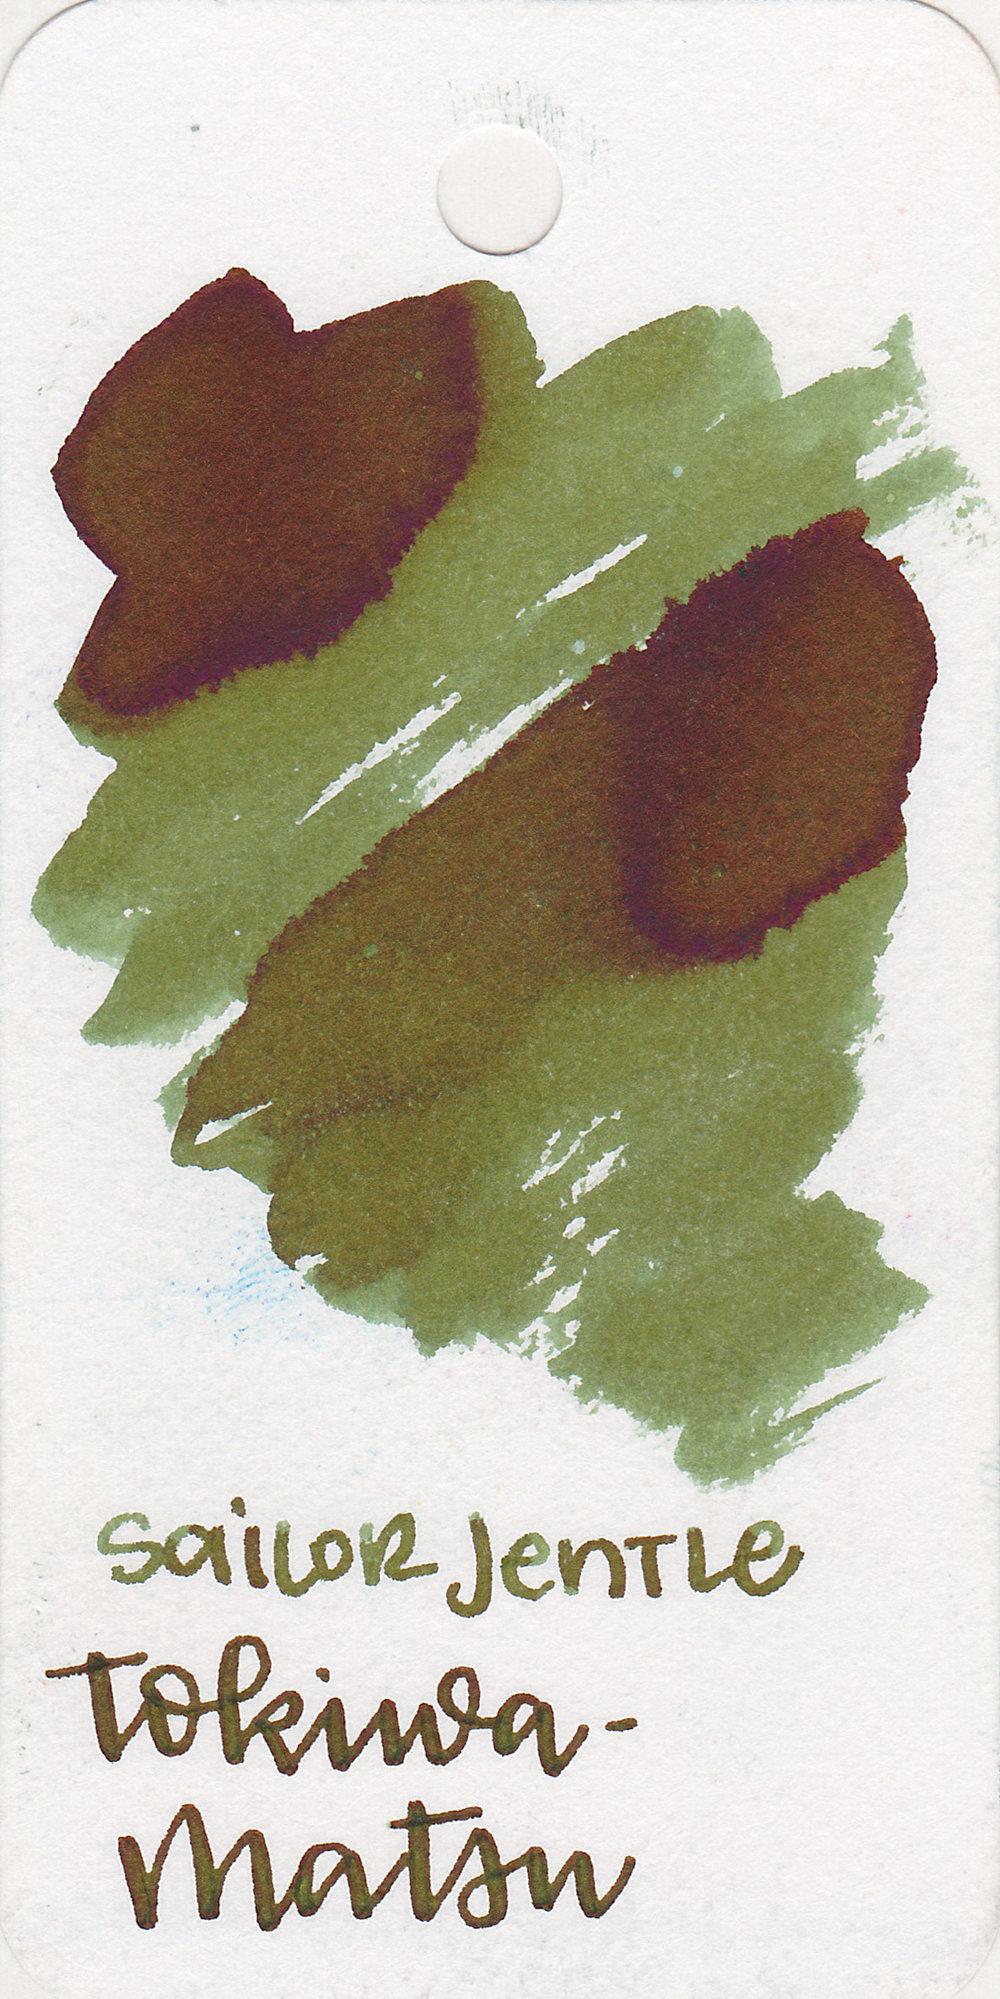 sj-tokiwa-matsu-1.jpg